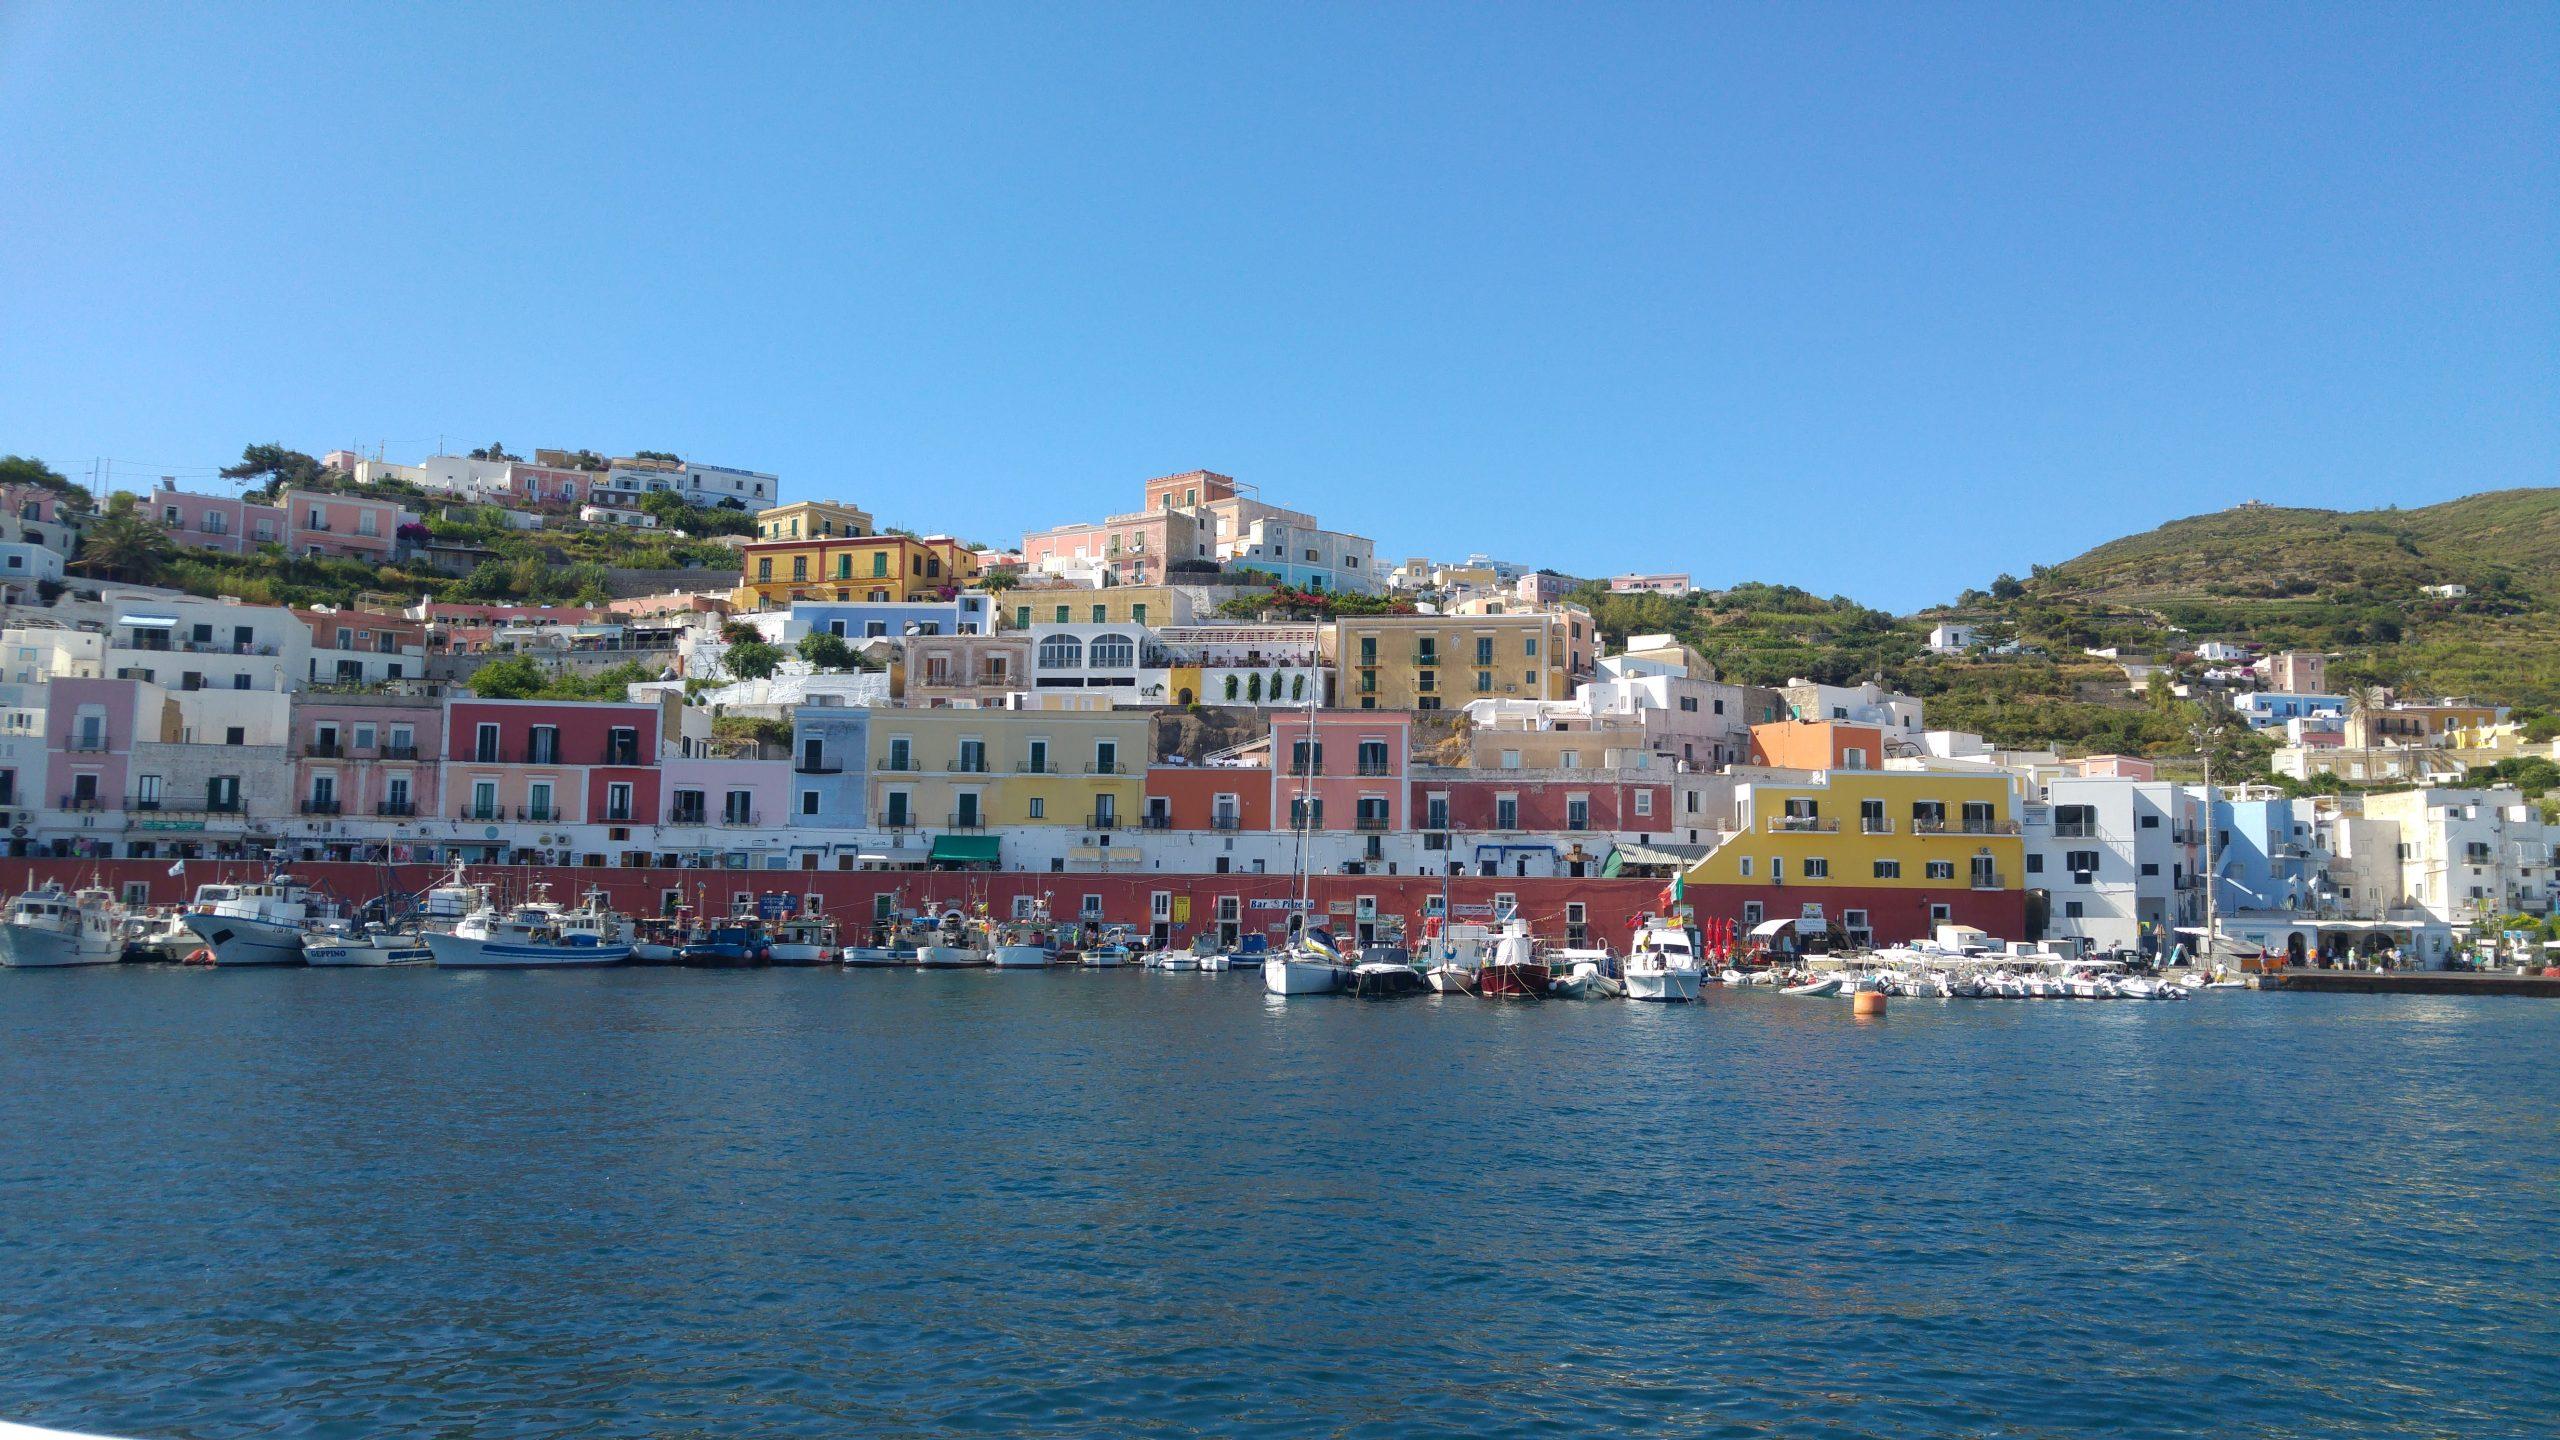 Porto dell'isola di Ponza e case colorate sul mare